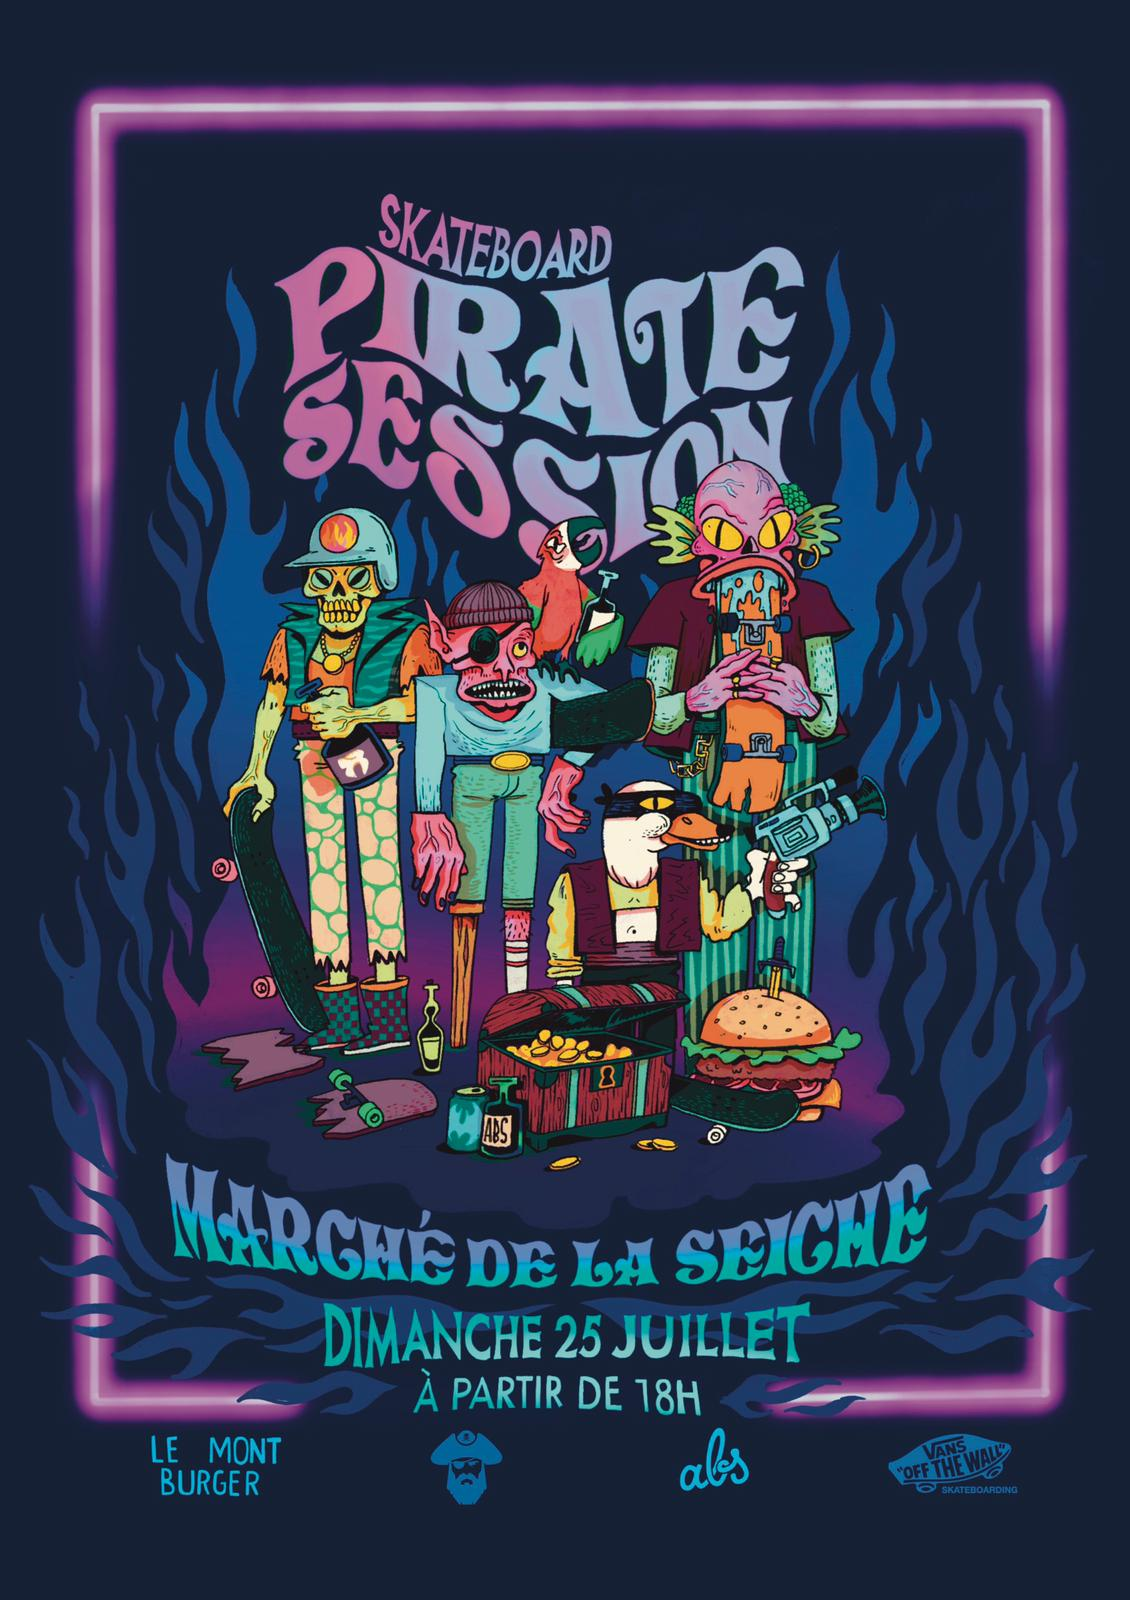 Skateboard pirate session au marché de la Seiche avec le Mont Burger et Annecy Board Club. Sevrier